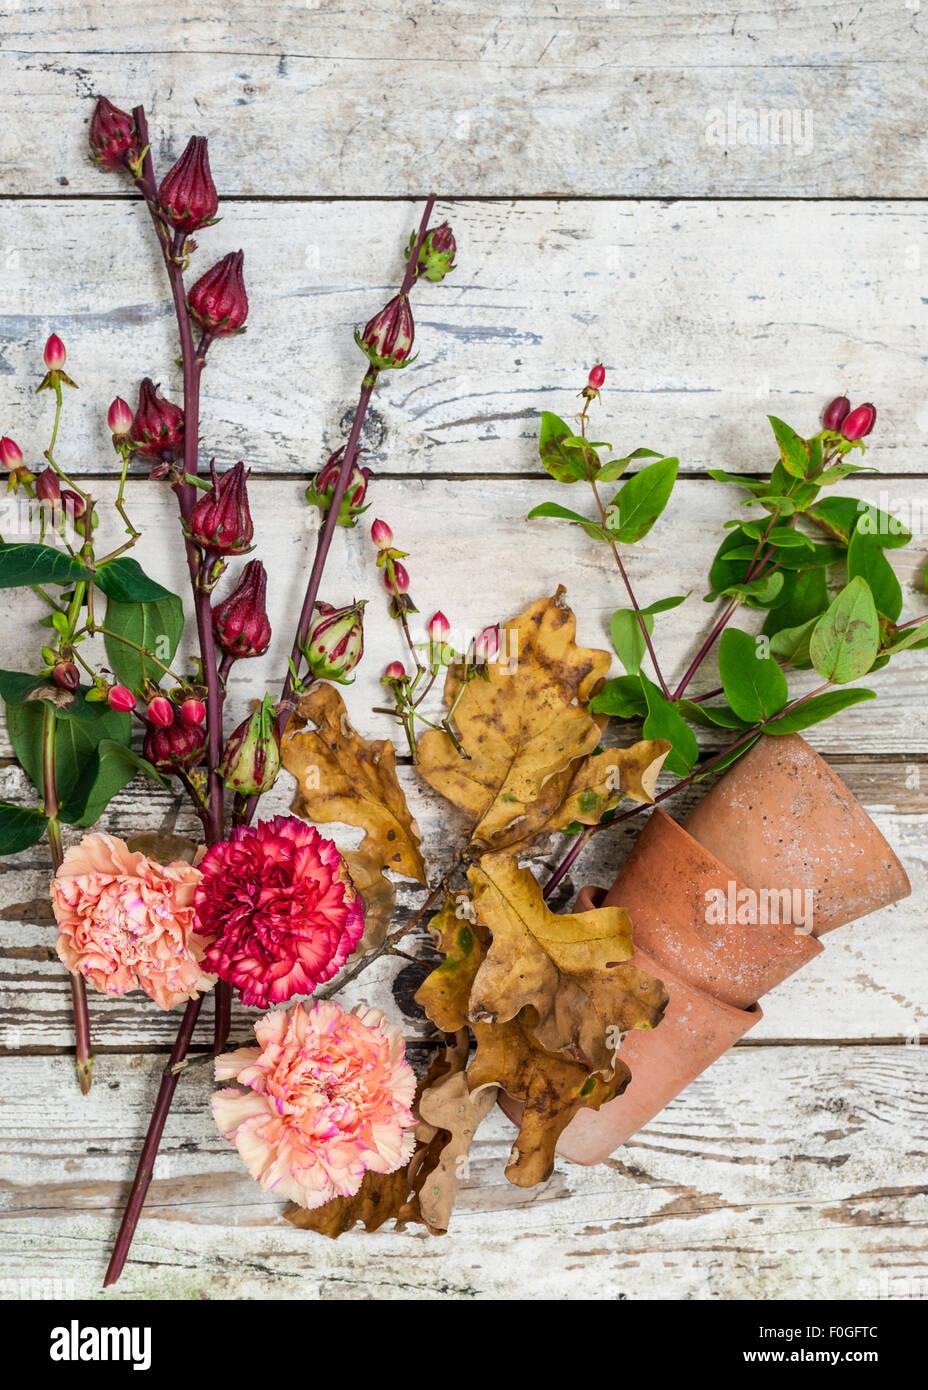 Herbst Blumen und Beeren auf eine rustikale Oberfläche Stockbild